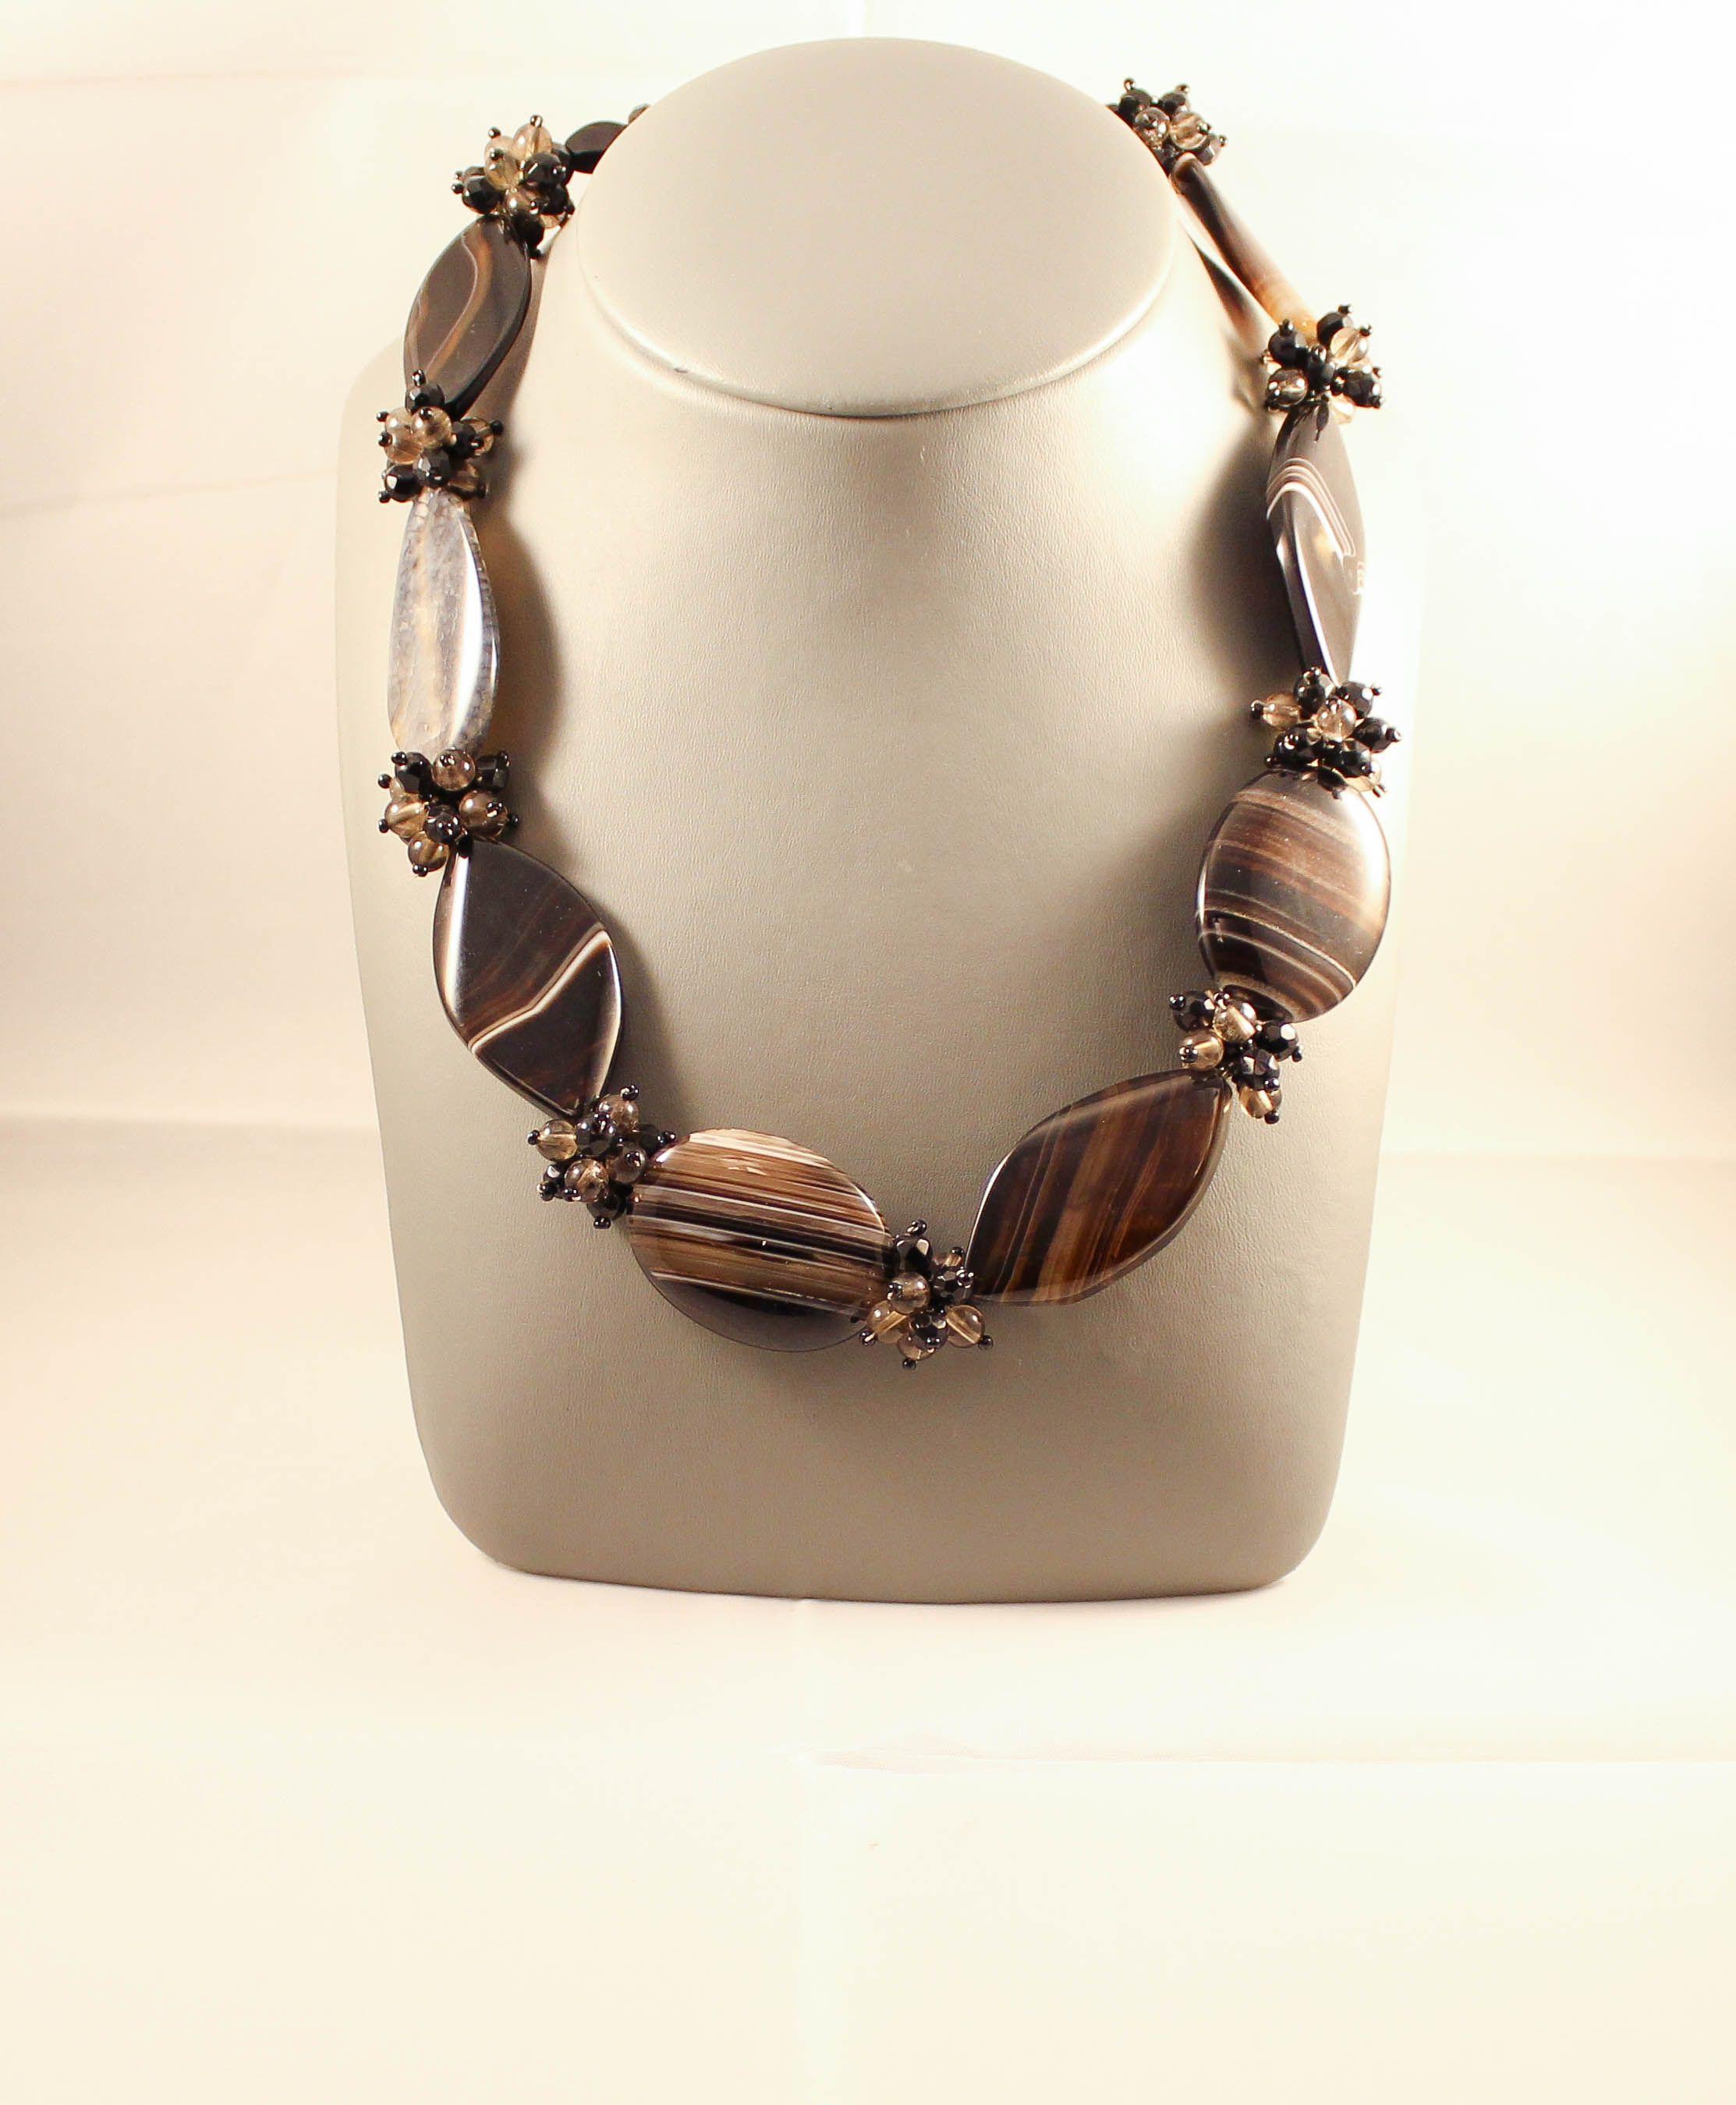 Collar de piedras marrones.http://marberaltabisuteria.mitiendy.com/categorias/collares